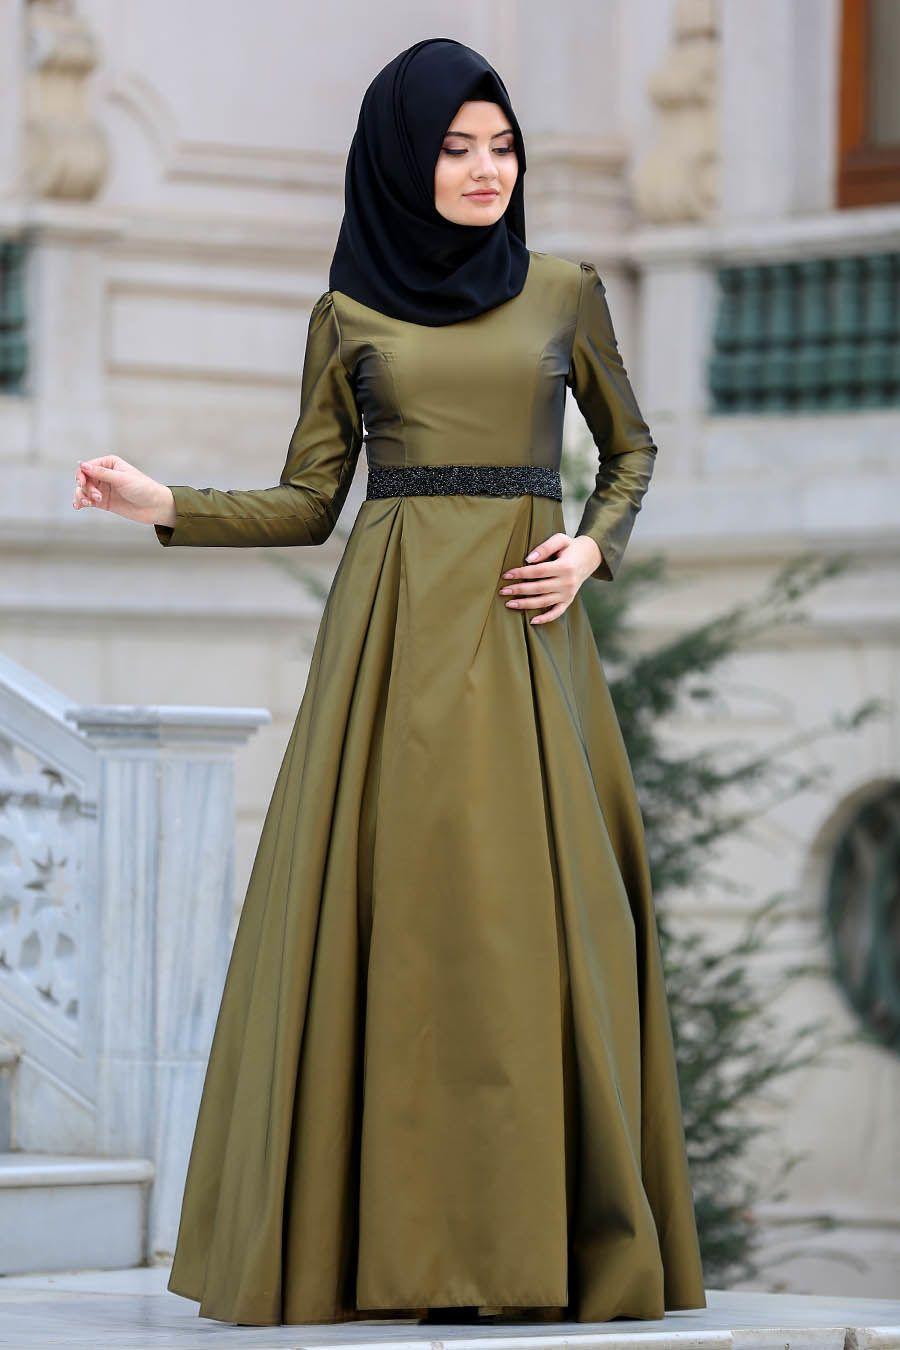 a0128a6003c27 Tuay - Beli Taşlı Yağ Yeşili Tesettür Abiye Elbise 2418YY #tesetturisland  #tesettur #tesetturelbise